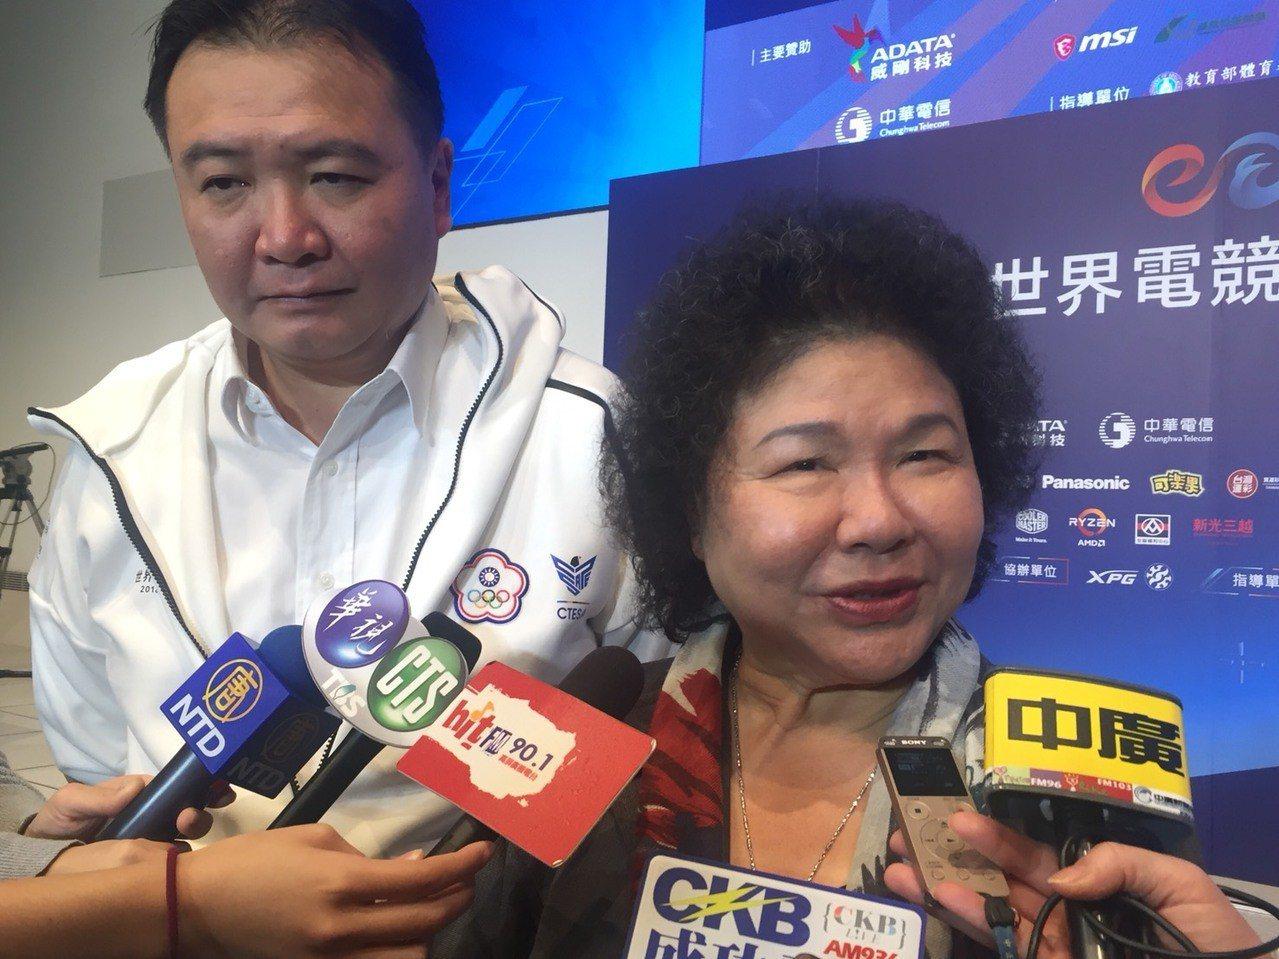 總統府祕書長陳菊今天出席電競開賽記者會時表示,高雄的美麗因選舉被否定感慨萬千,她...